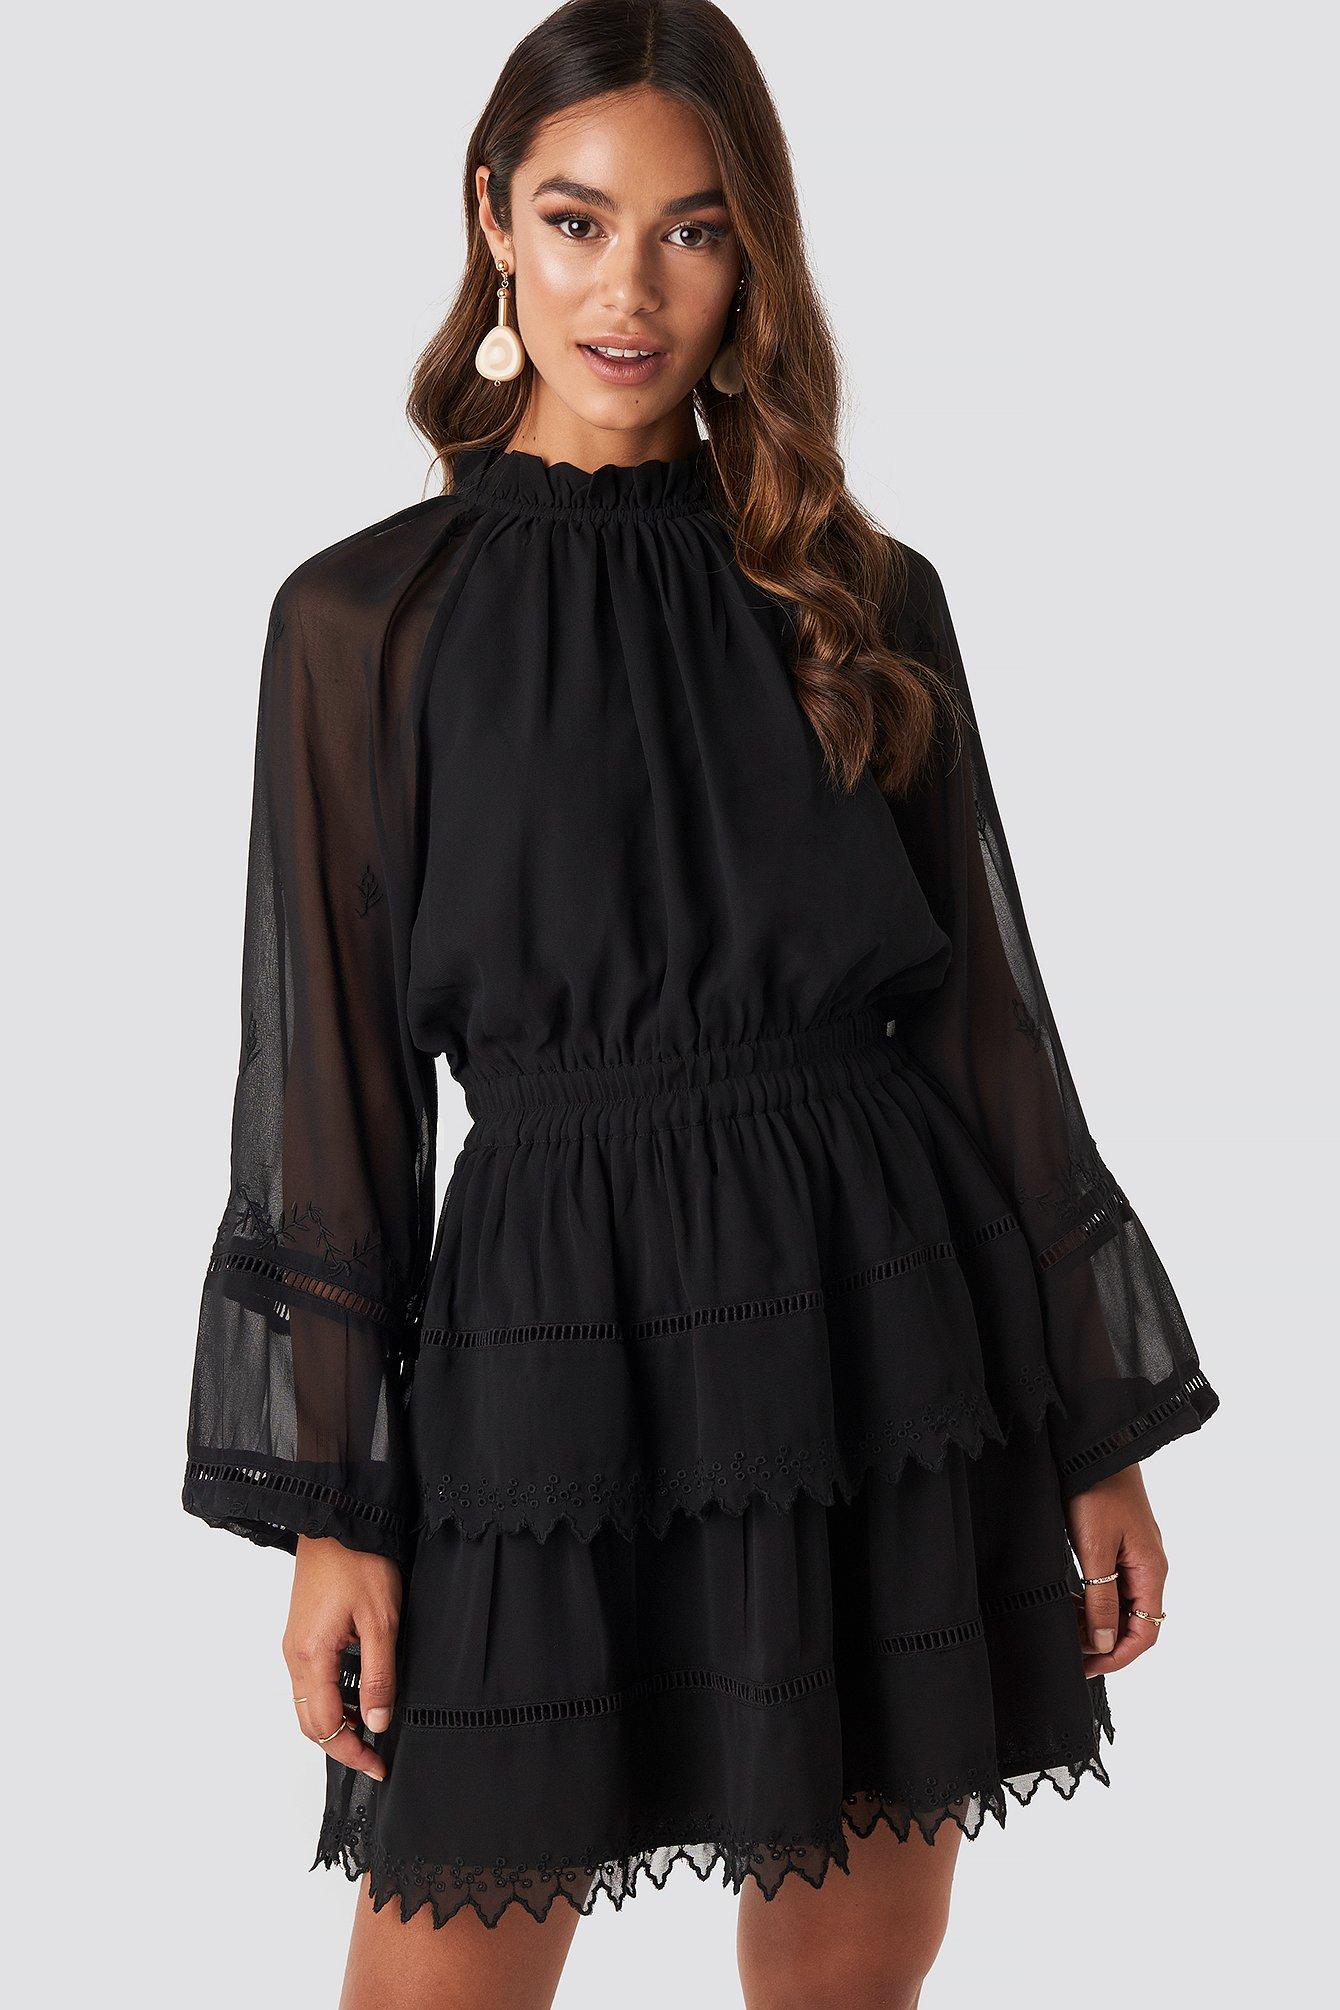 Embroidery Mini Dress Noir by Na Kd Boho